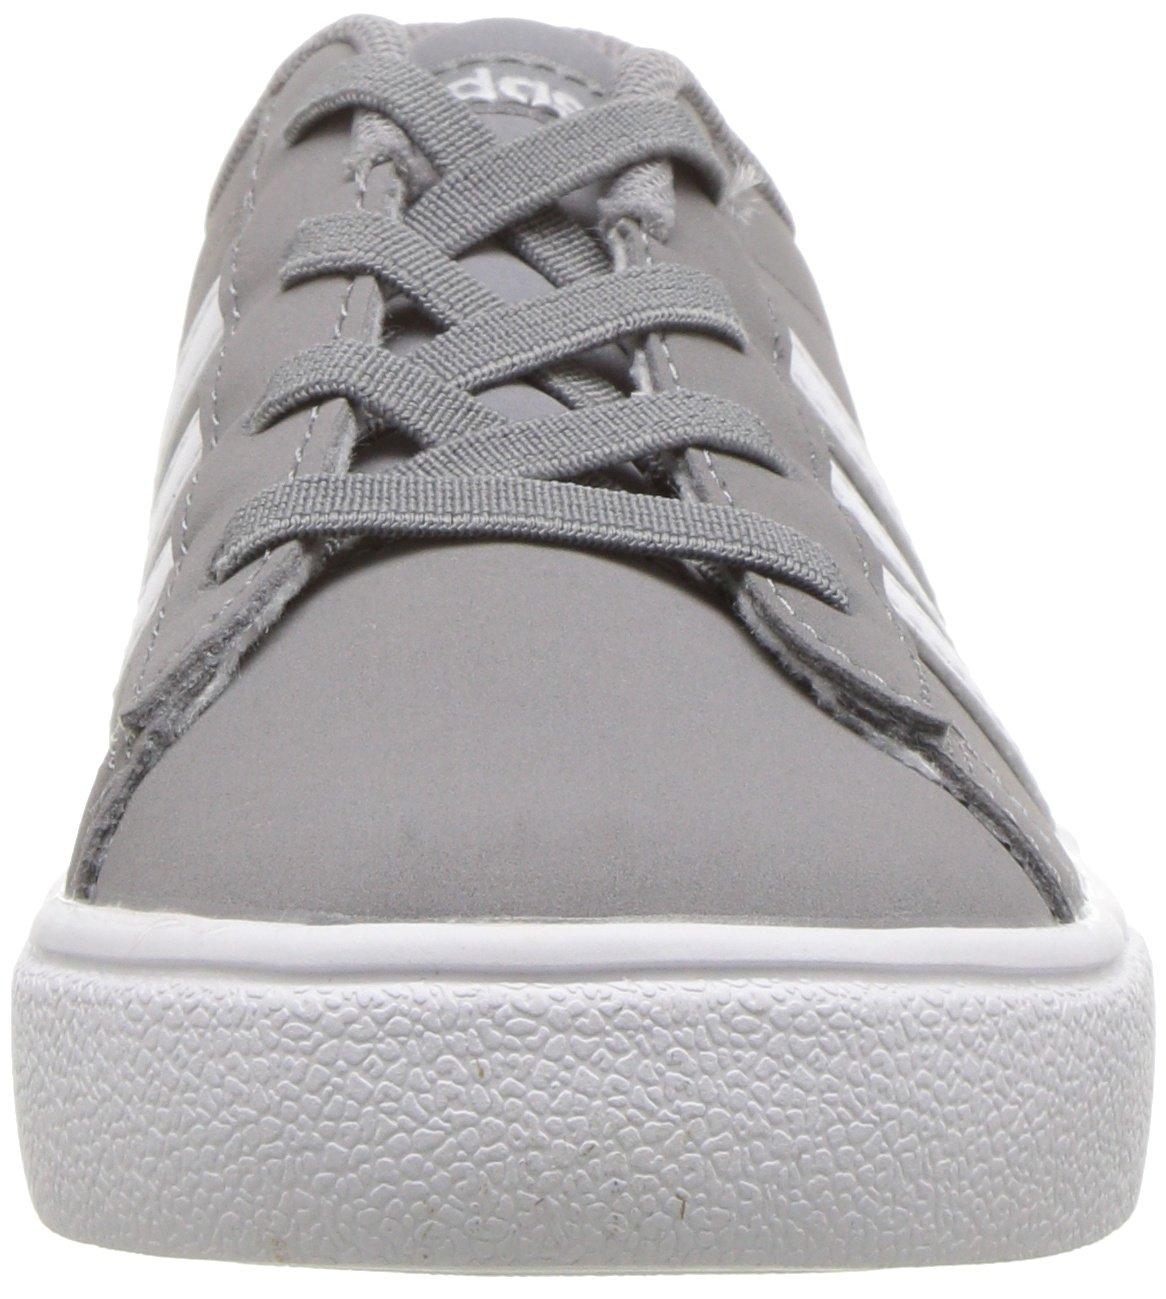 Adidas Kids Daily Adidas me 19.996 gris tres / blancos / blanco